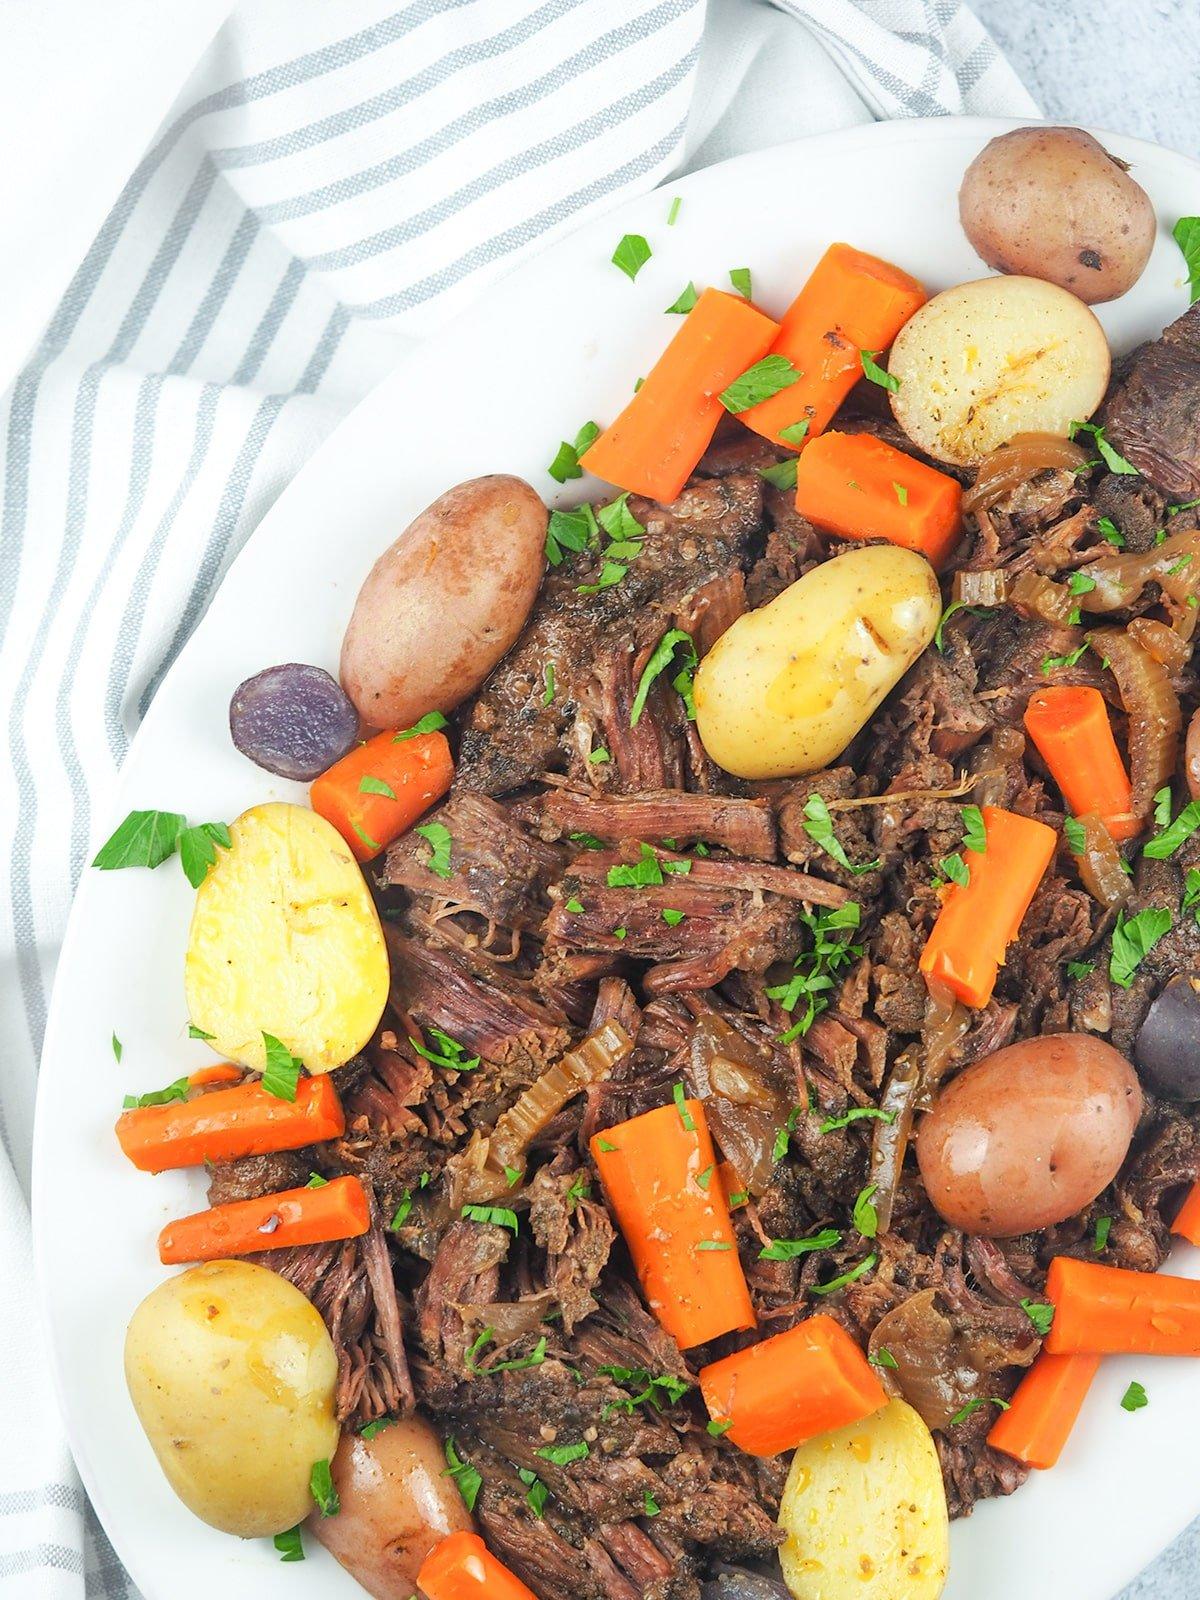 shredded pot roast on platter with vegetables